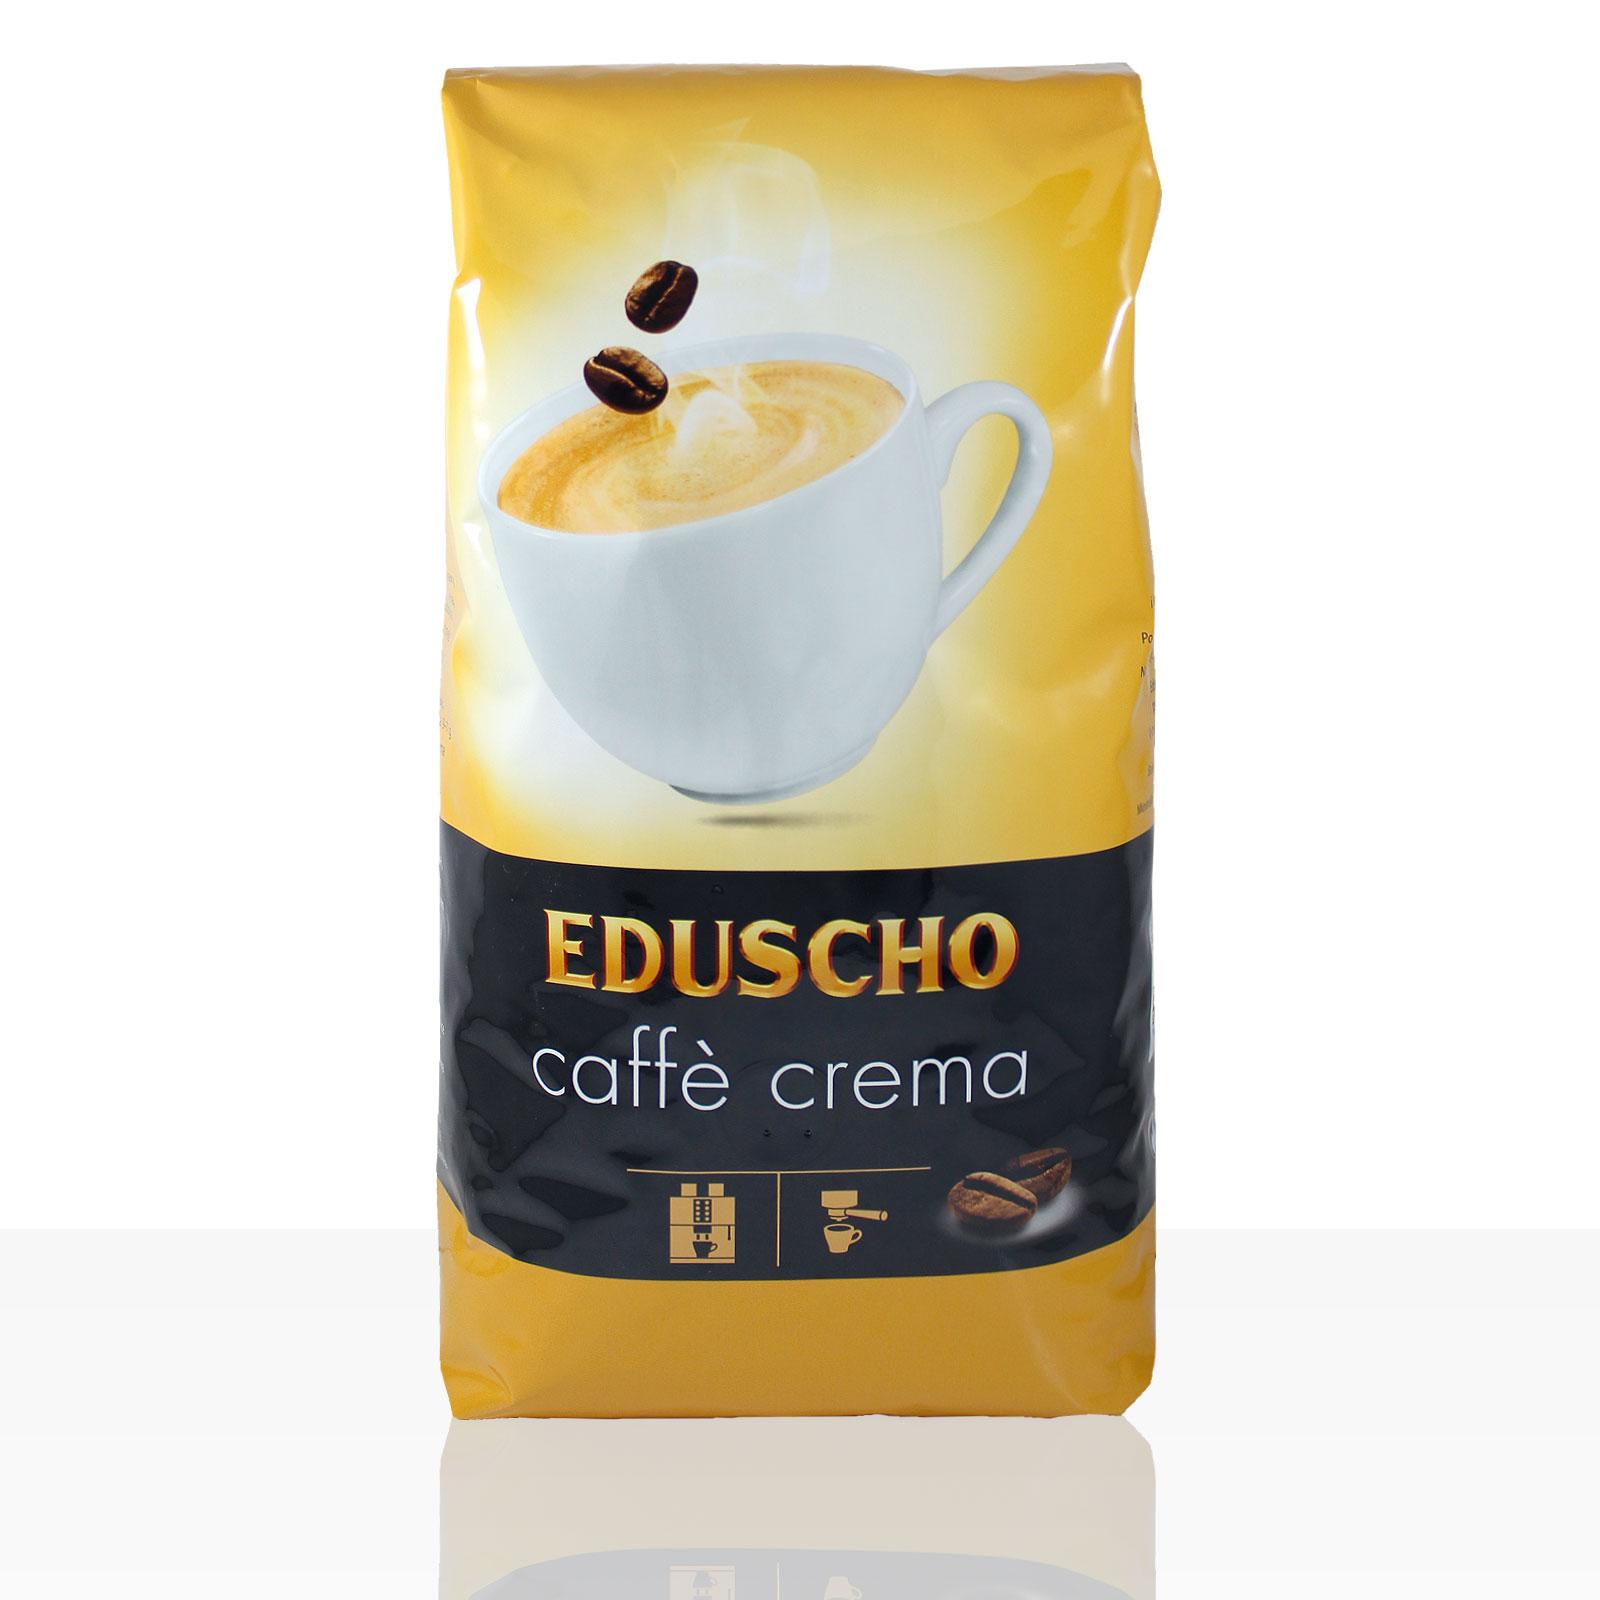 Eduscho Caffe Crema - 1kg Kaffee ganze Bohne